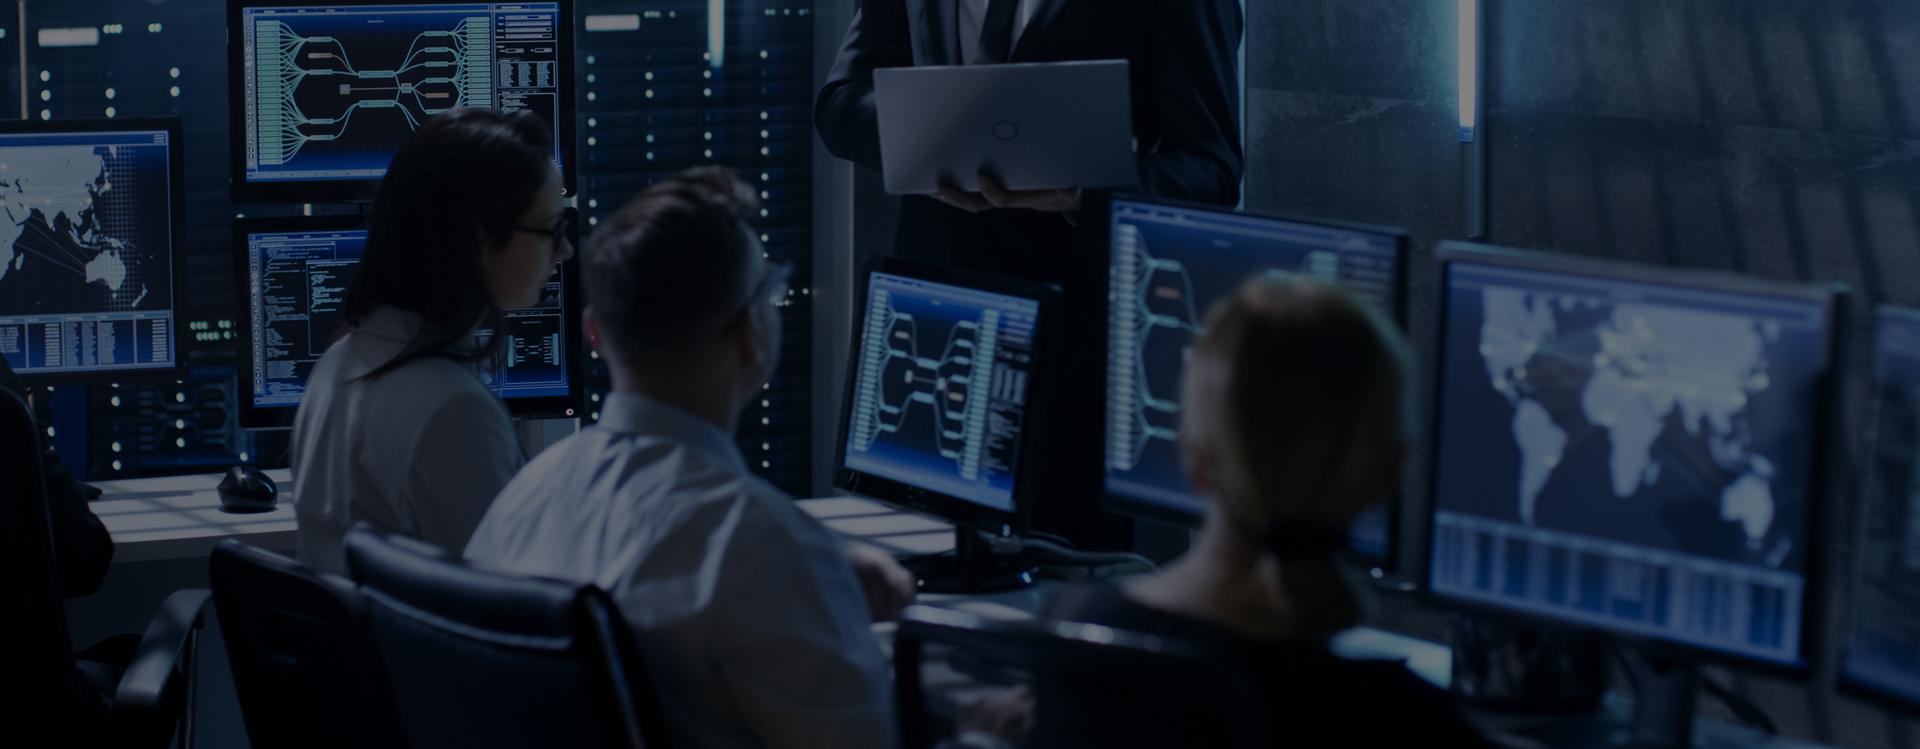 Prescient data centre control room